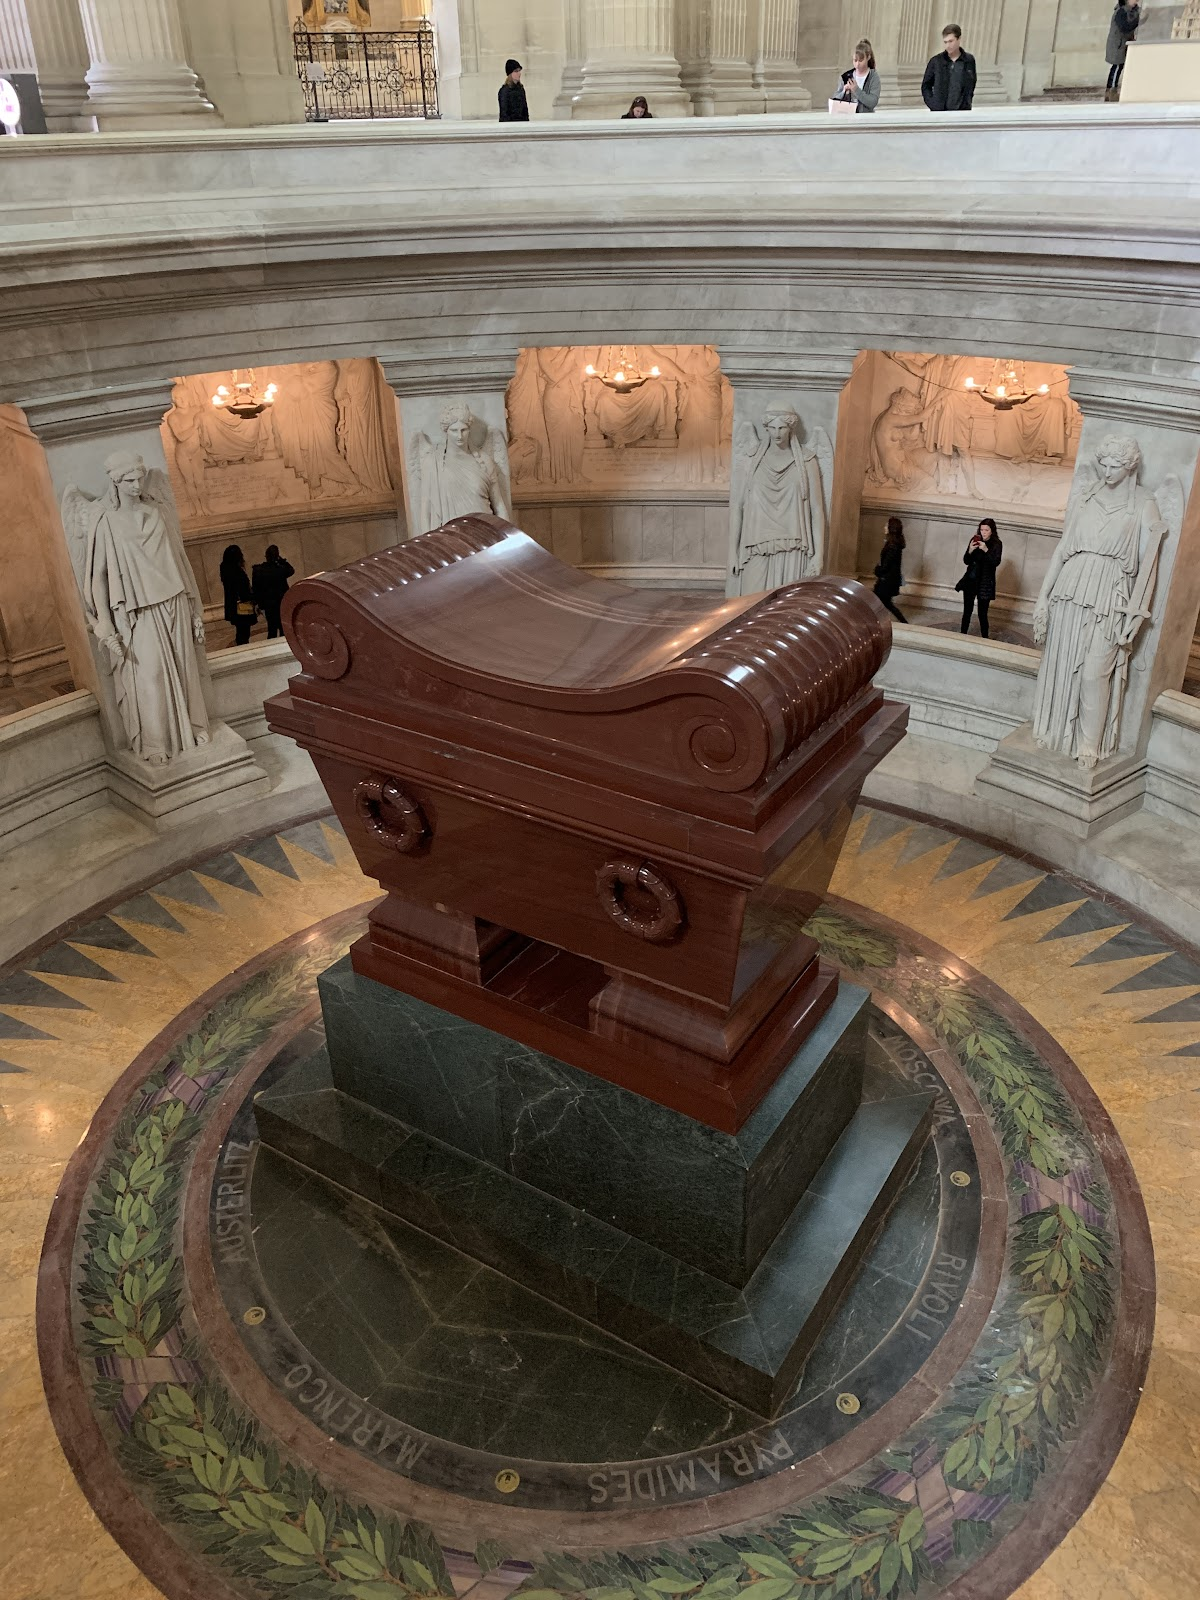 Les Invalides - Napolean's Tomb